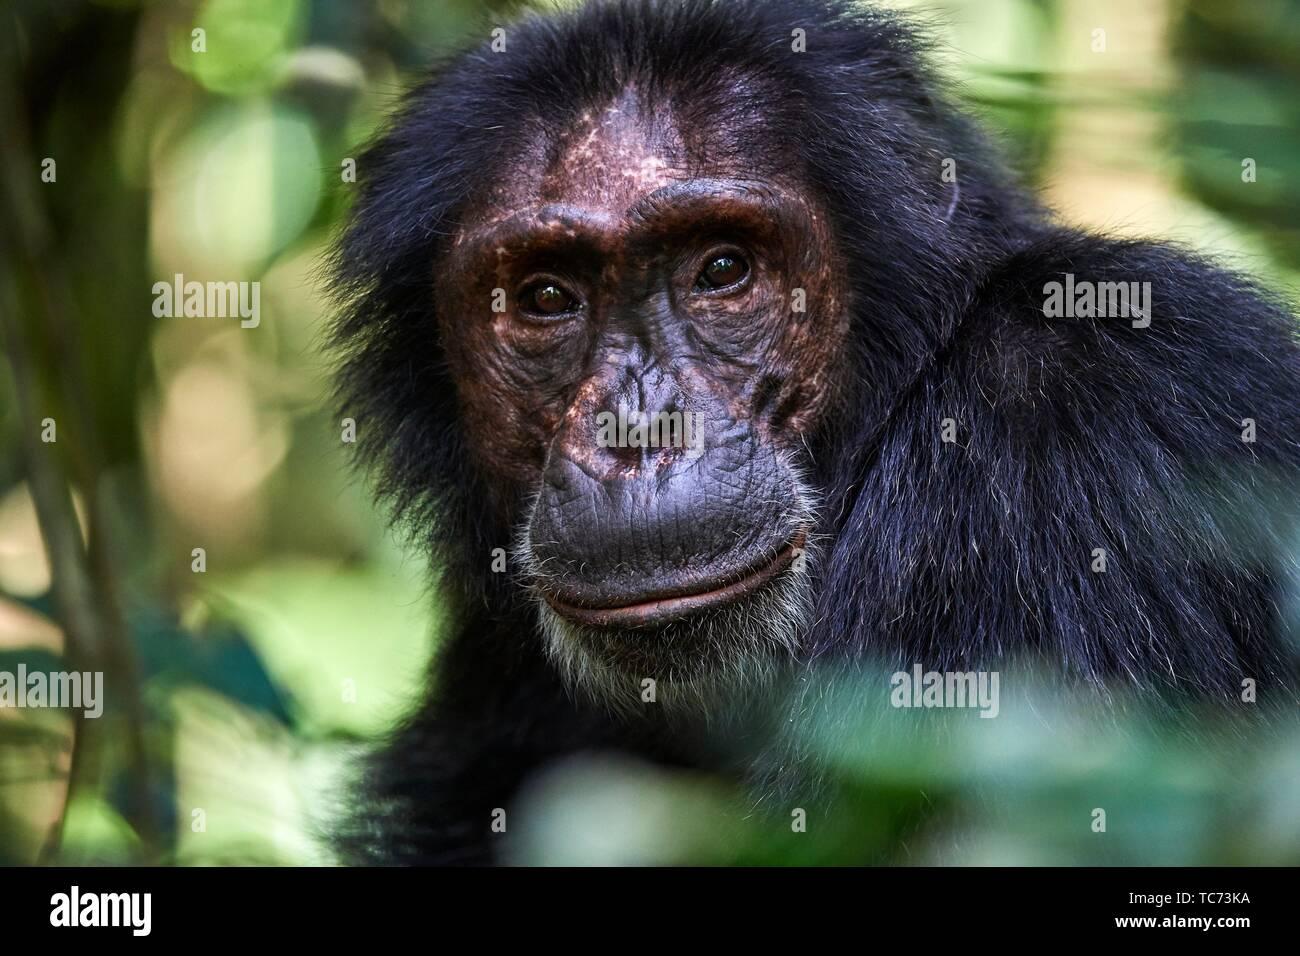 Uno scimpanzé ritratto maschile (Pan troglodytes schweinfurthii) Kibale National Park, Uganda. Immagini Stock